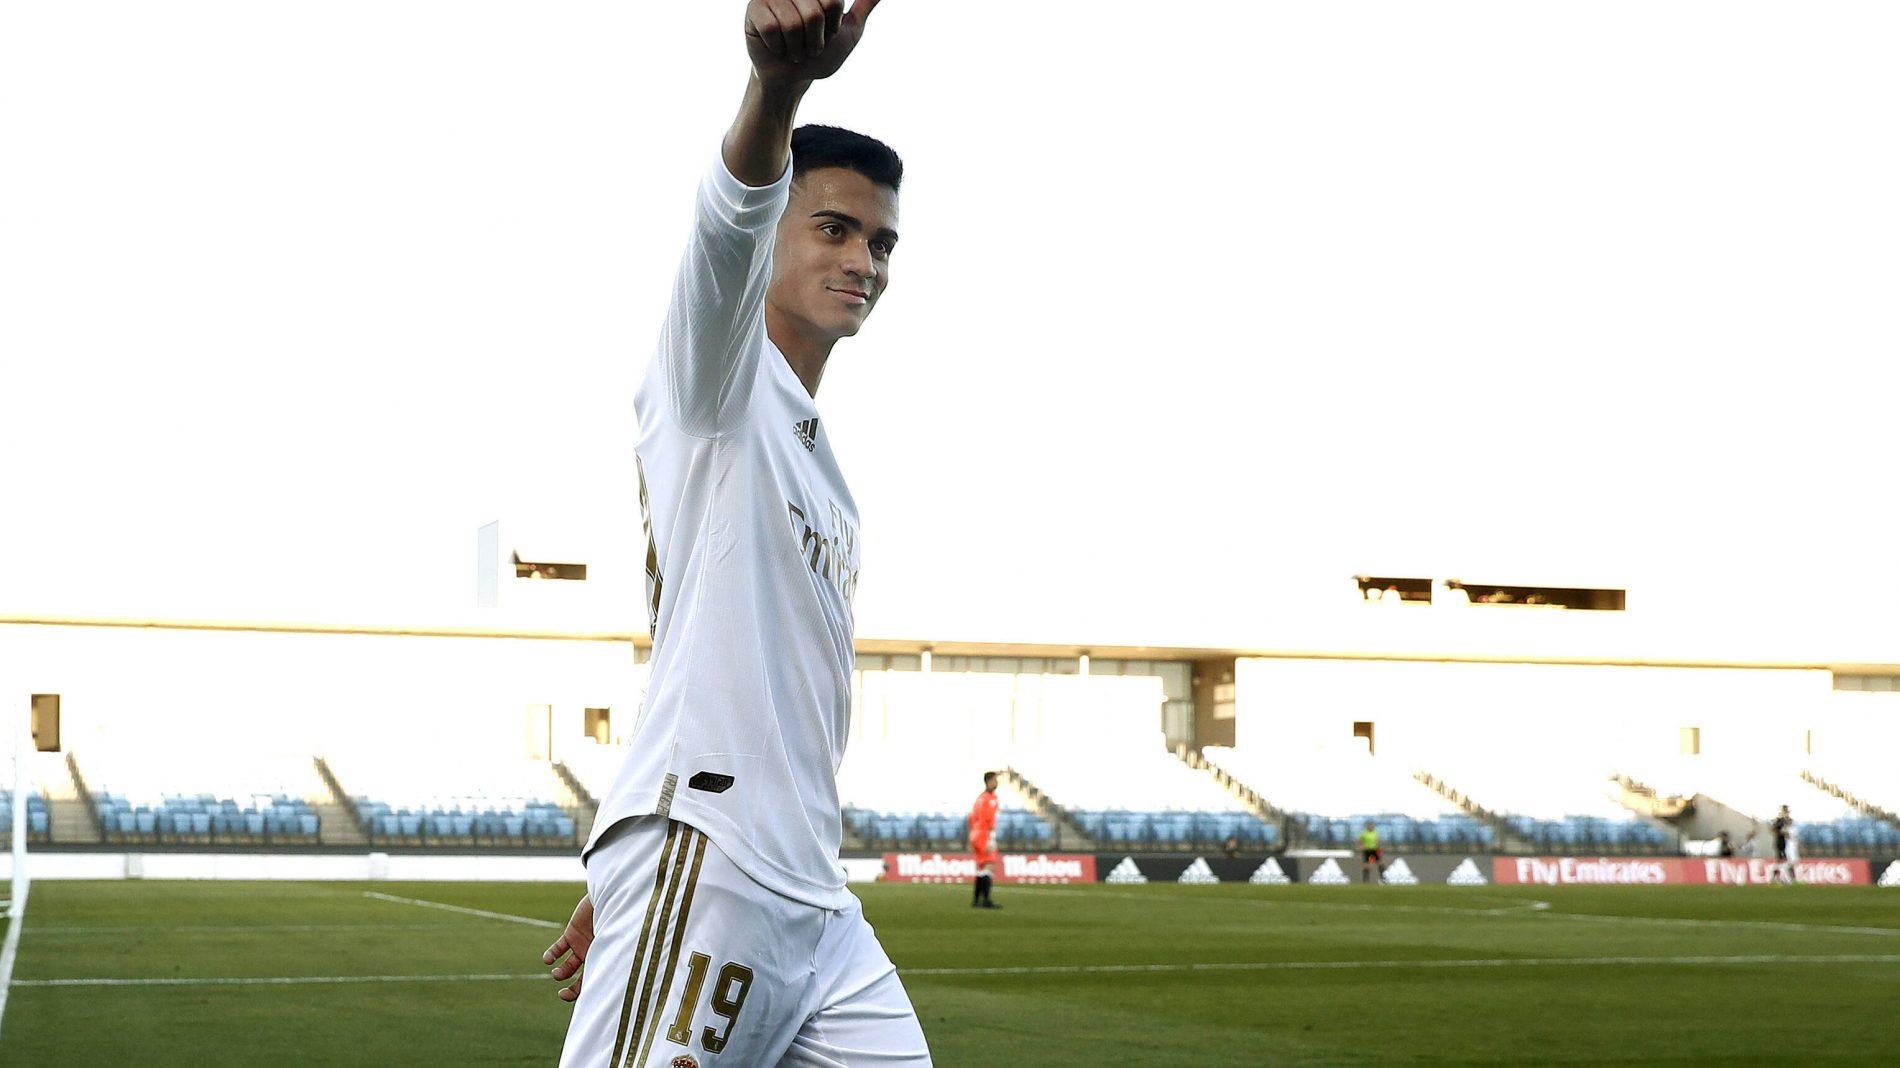 巴西媒体:皇马小将雷尼尔接近租借加盟多特蒙德